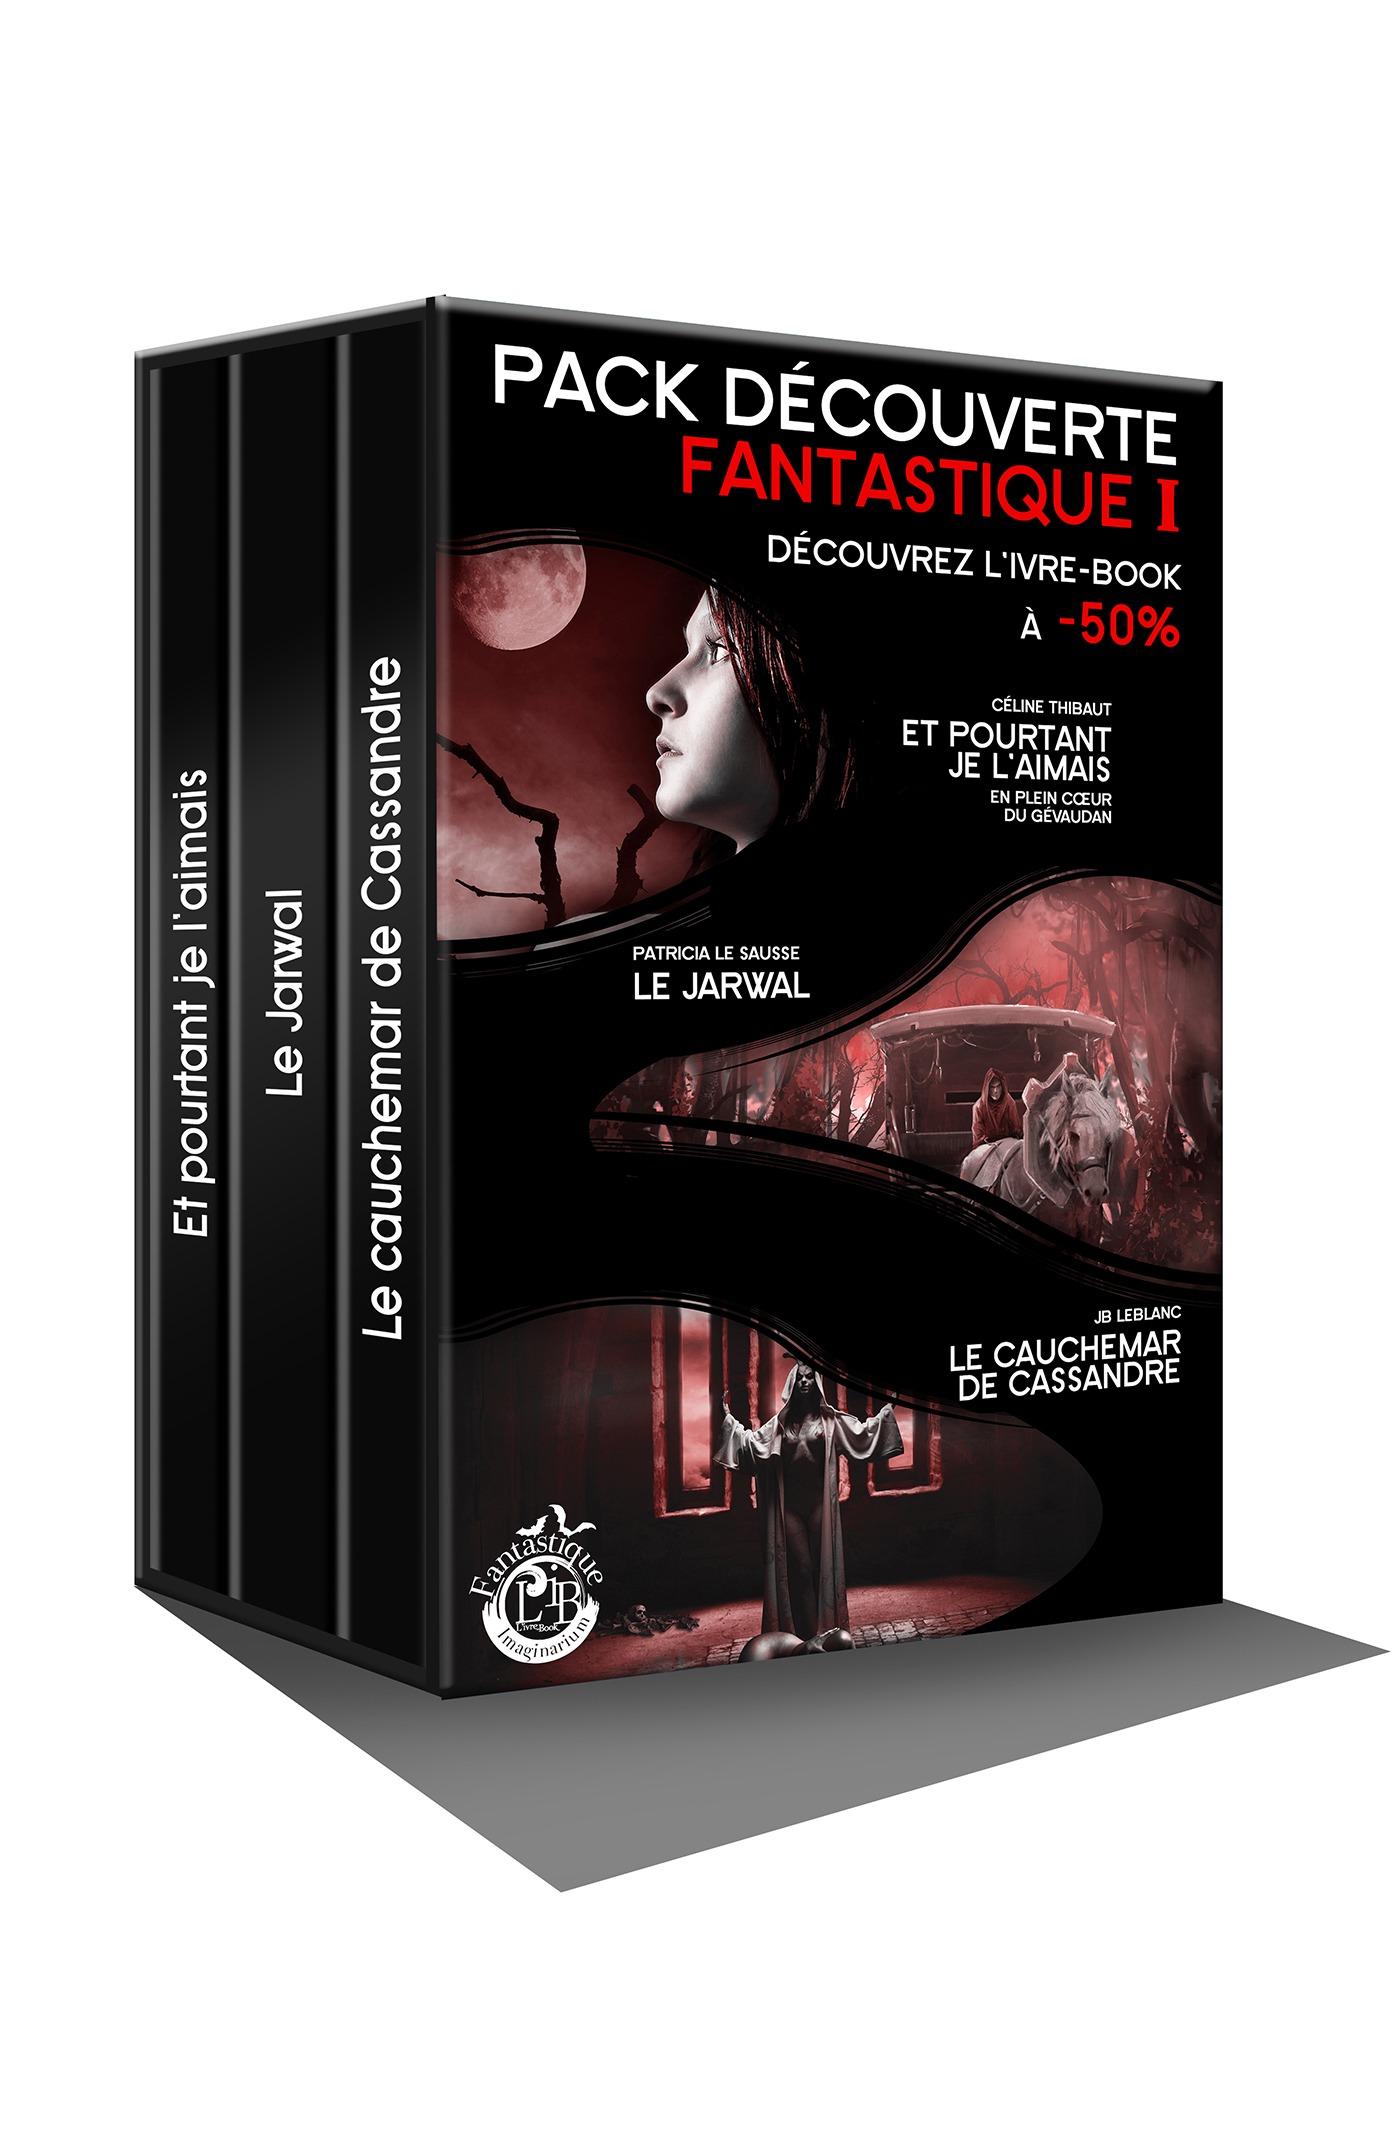 Pack Découverte Fantastique 1